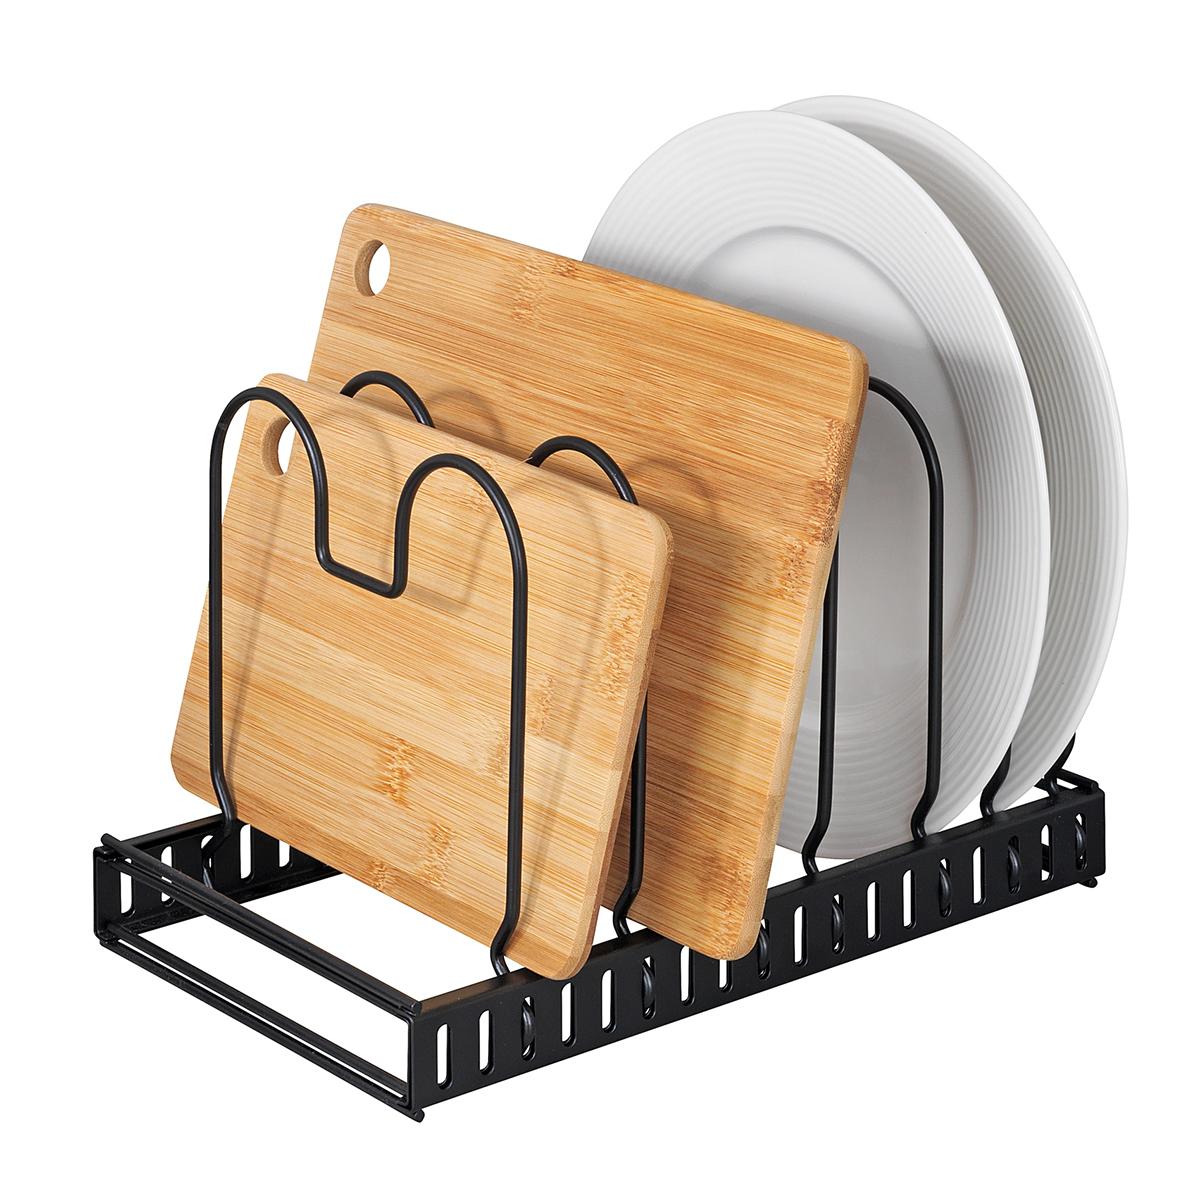 Держатель для крышек и сковородок, раздвижной [08235],